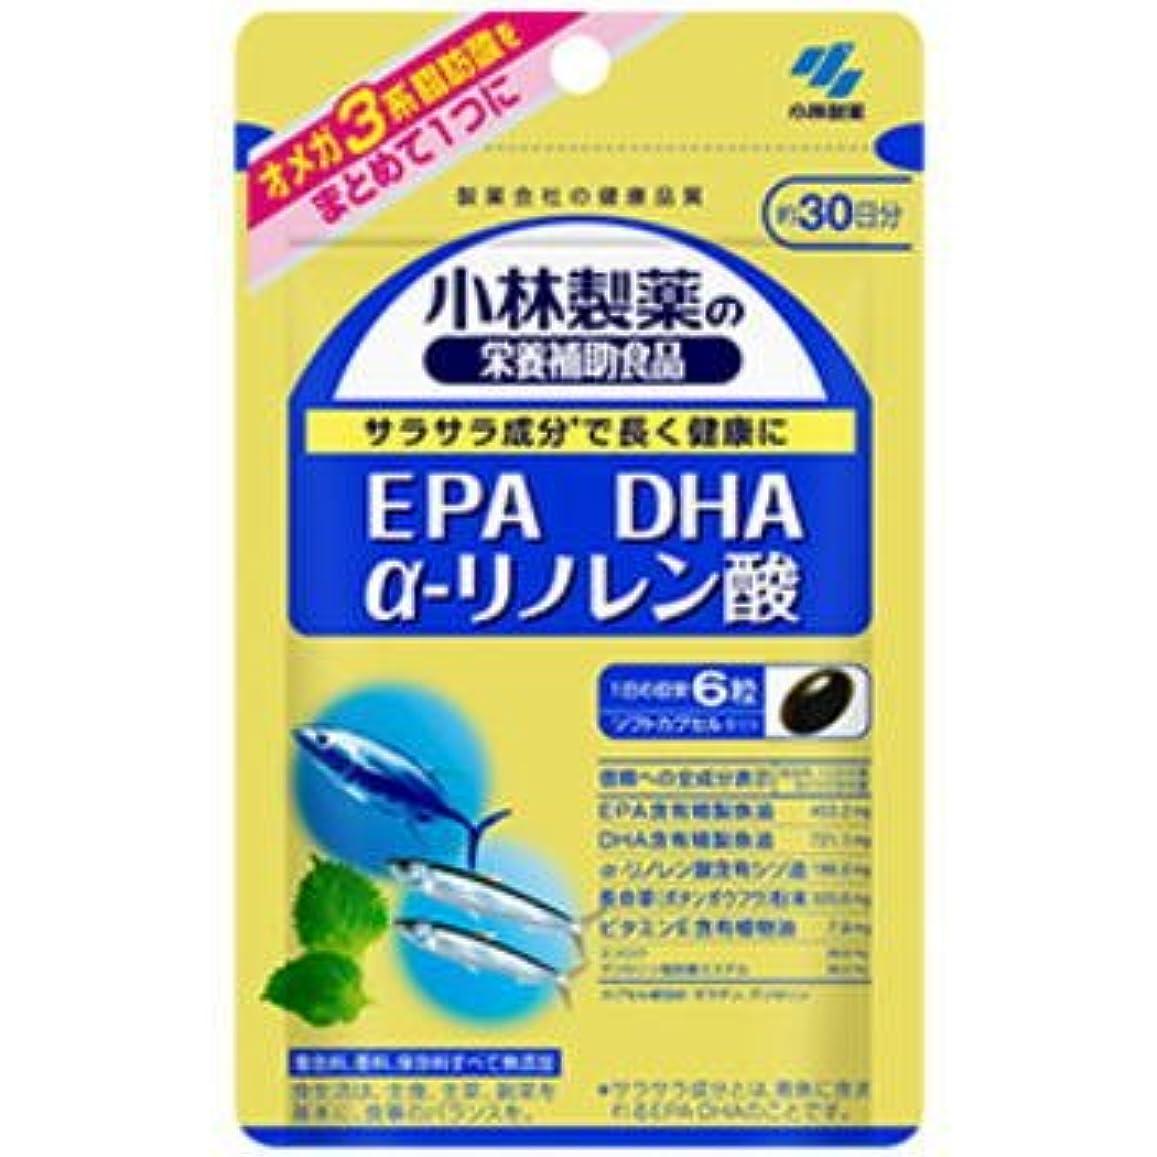 差し引くコショウ熱小林製薬 EPA DHA α-リノレン酸 180粒【ネコポス発送】